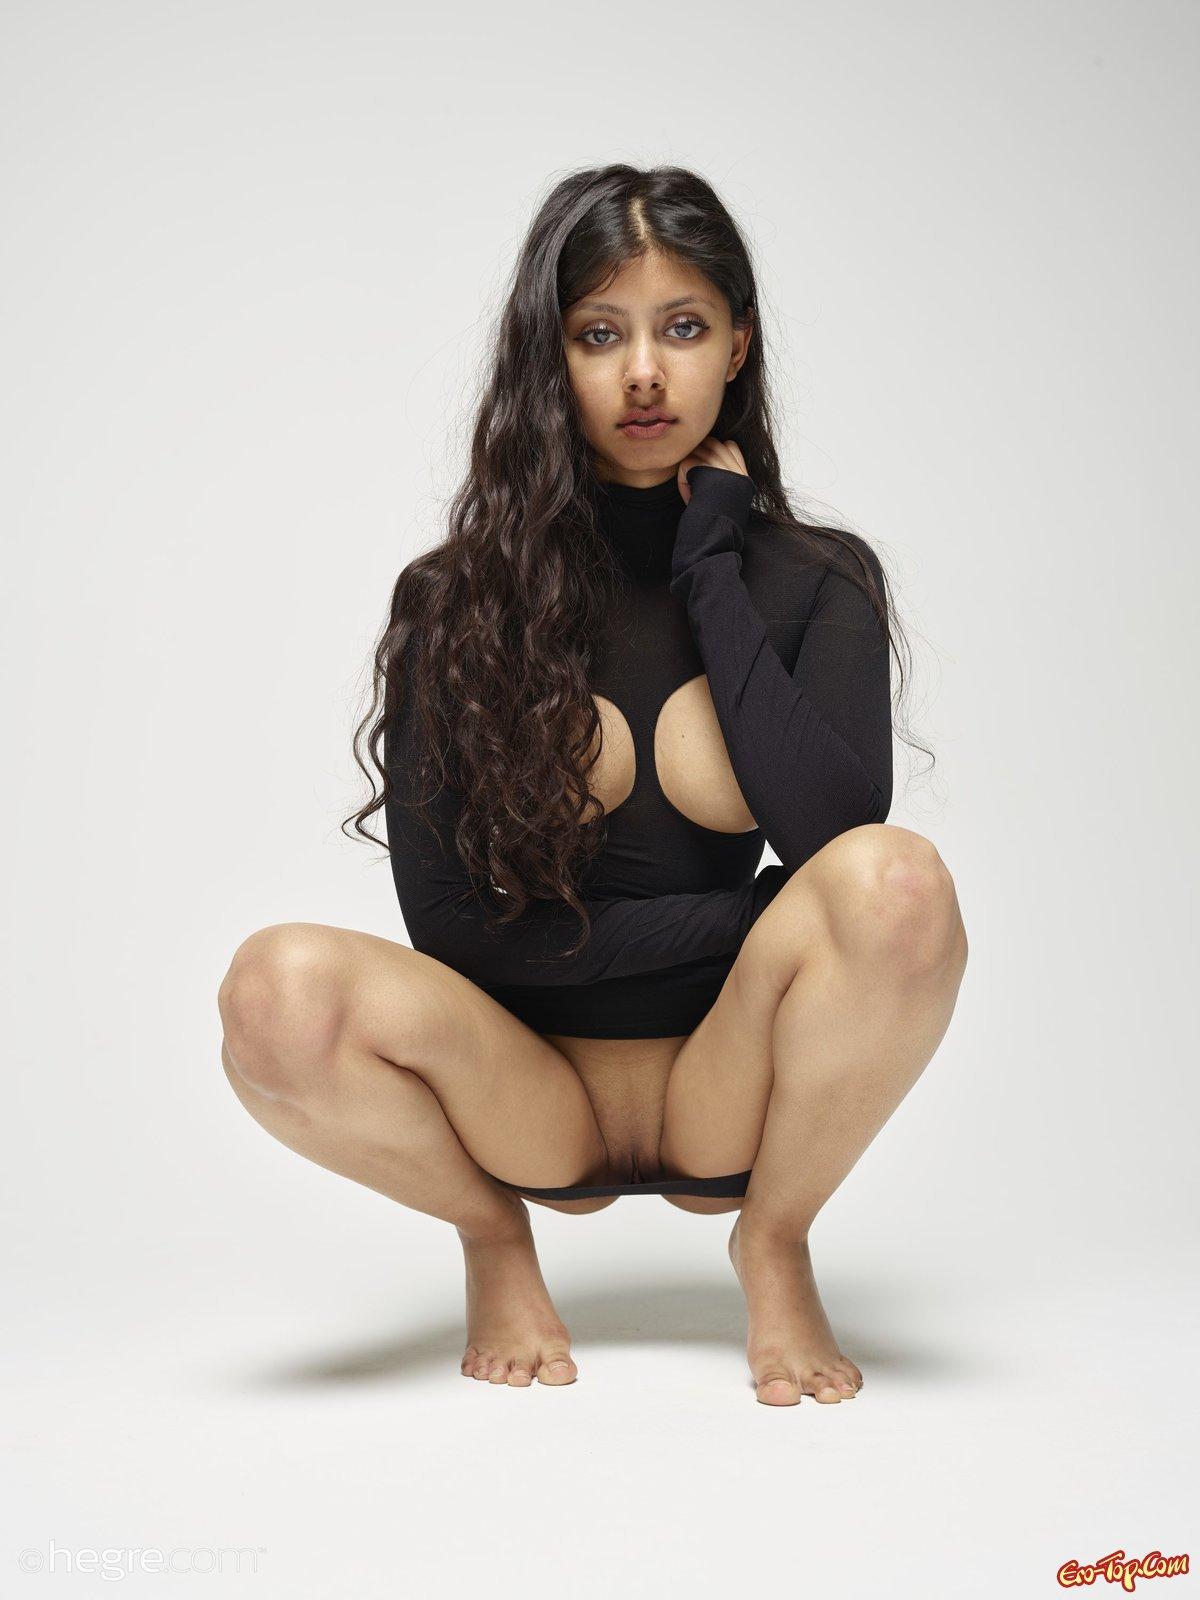 Милашка в сексуальном наряде показала грудь и киску